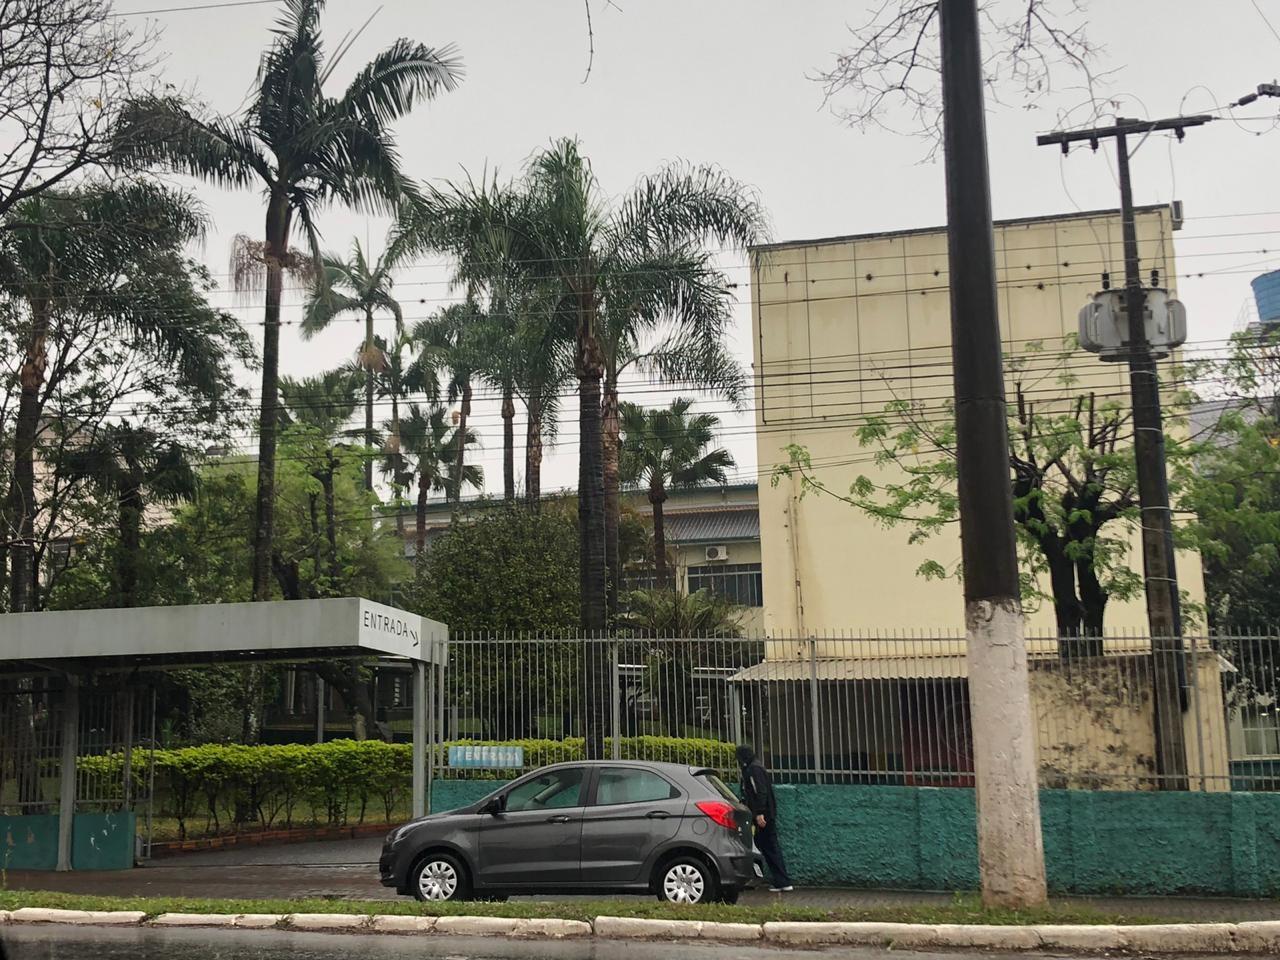 Após 20 dias, estudantes começam a desocupar reitoria da UFFS, em Chapecó - Notícias - Plantão Diário